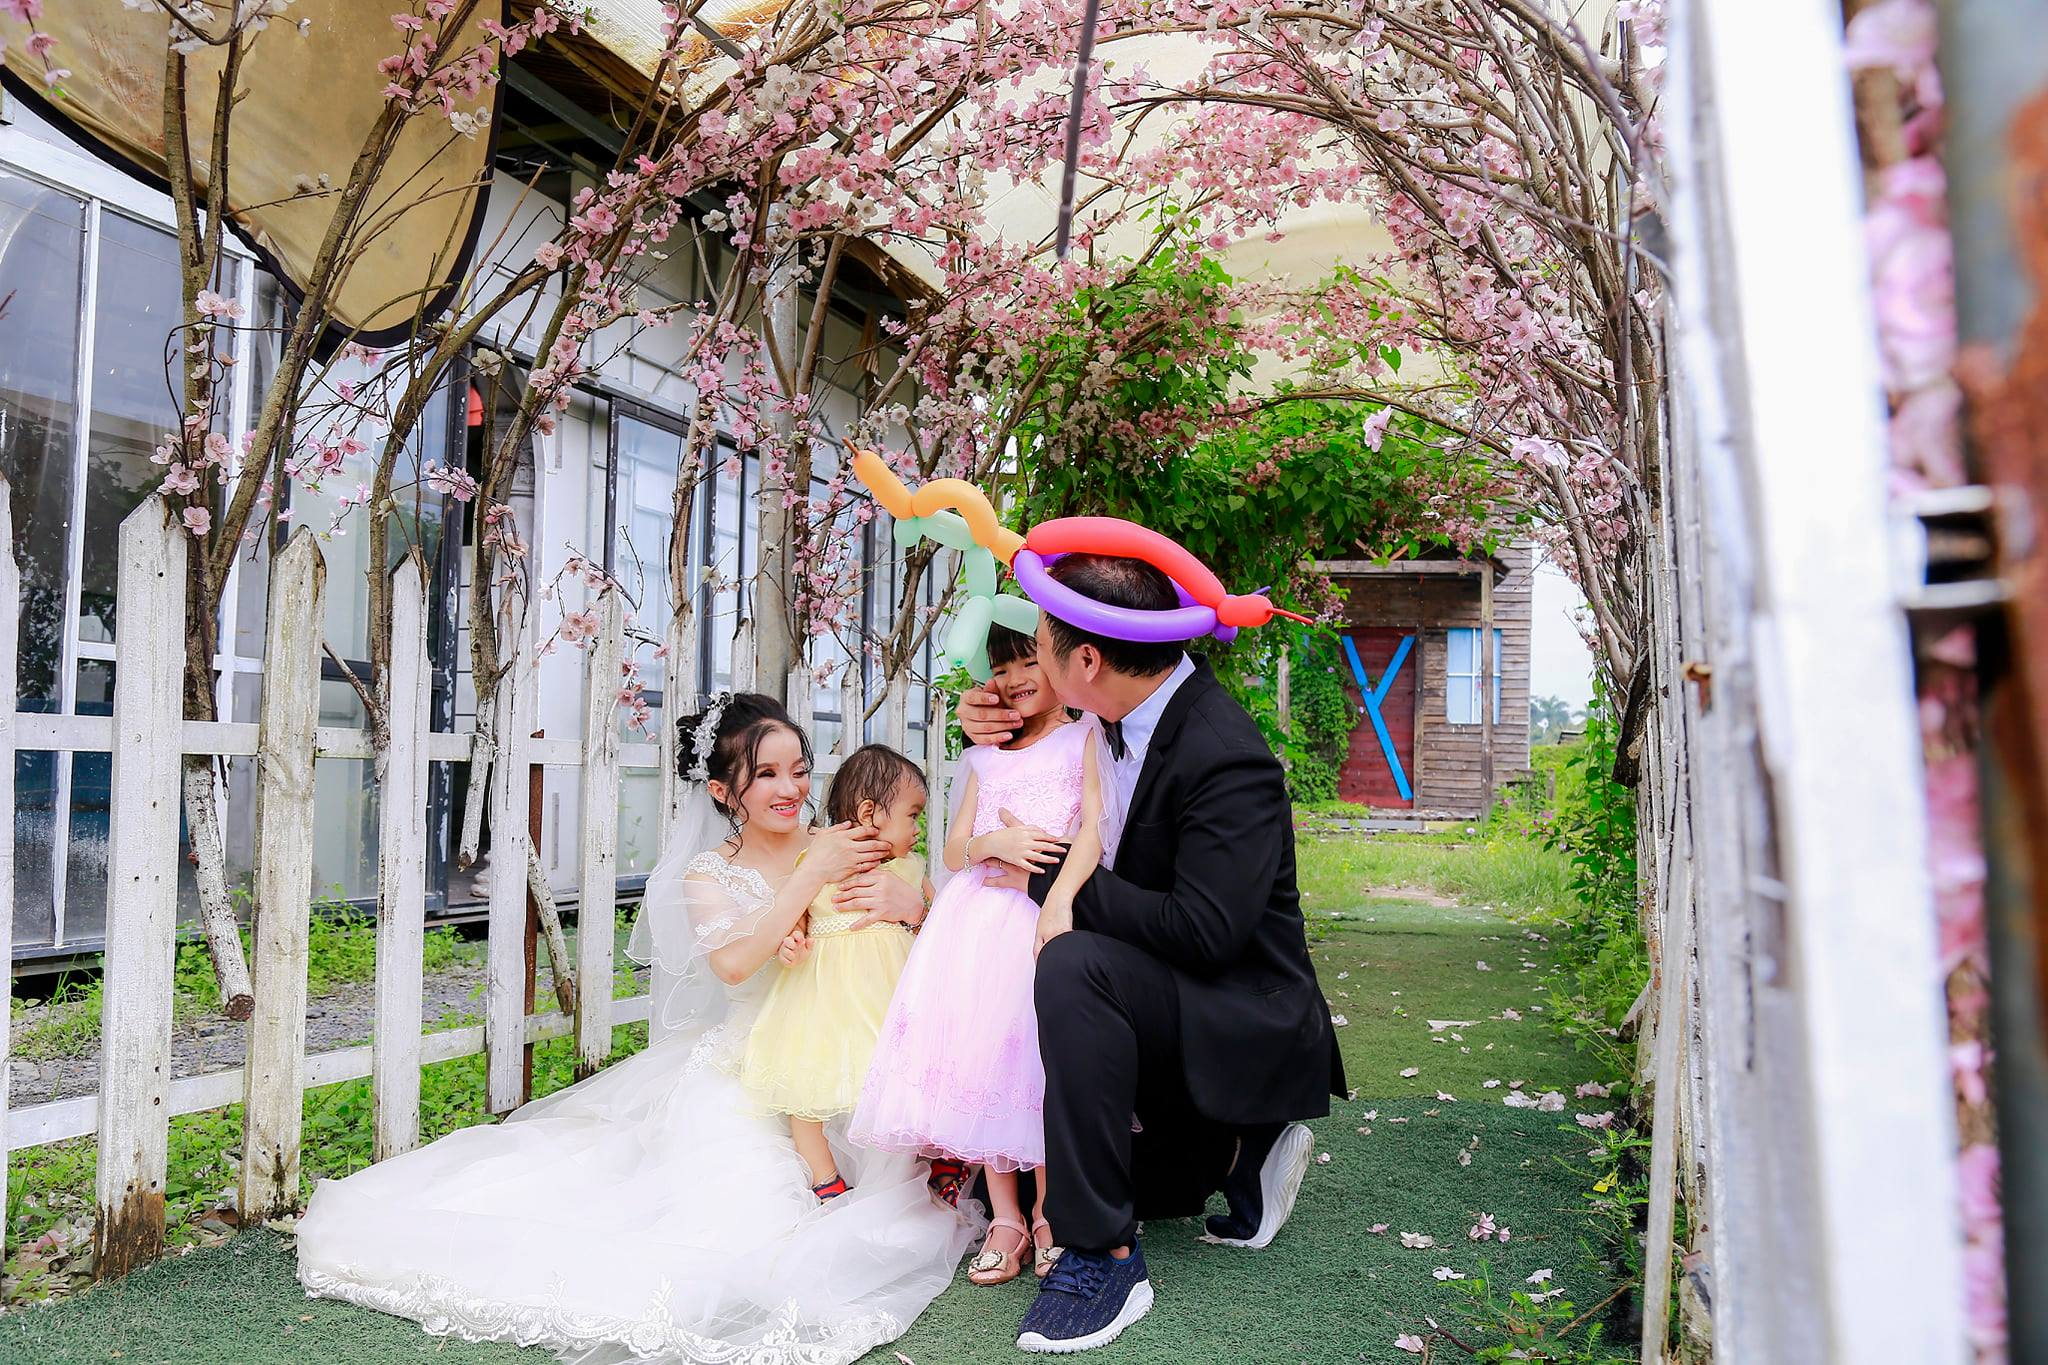 Đã có với nhau 2 mặt con nhưng đến tận bây giờ gia đình họ mới được chụp cùng nhau bộ ảnh cưới.